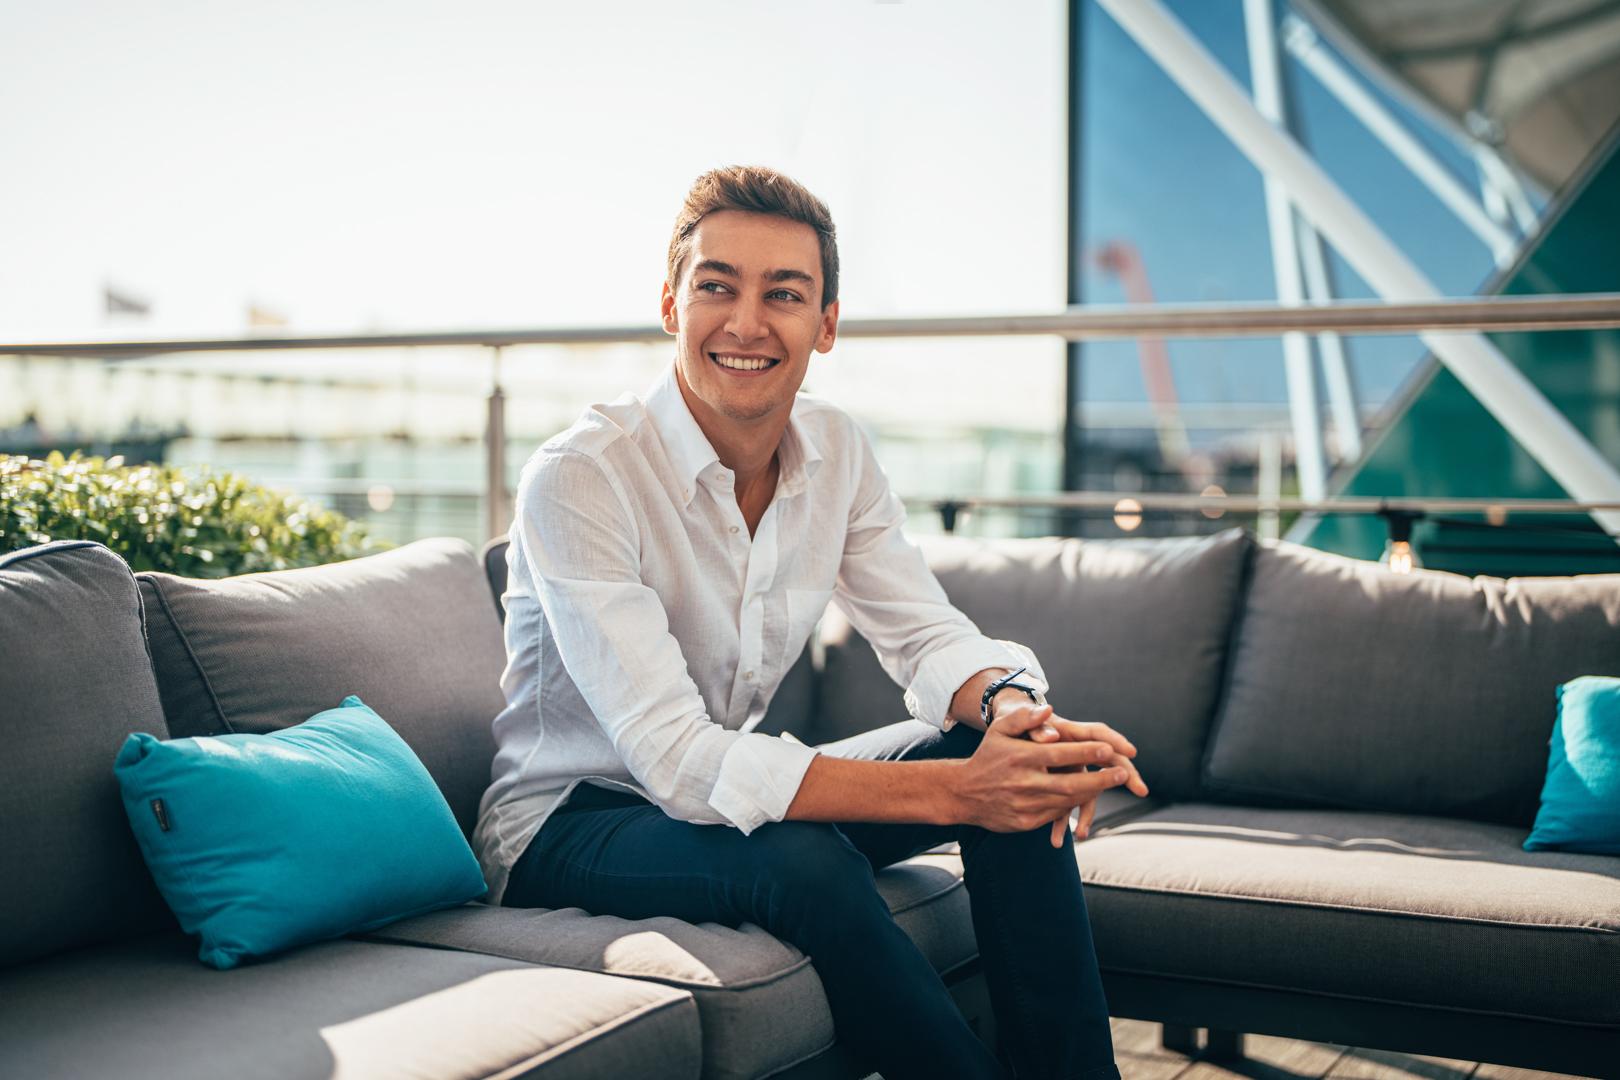 Mercedes-AMG Petronas F1 Team confirms 2022 driver line-up